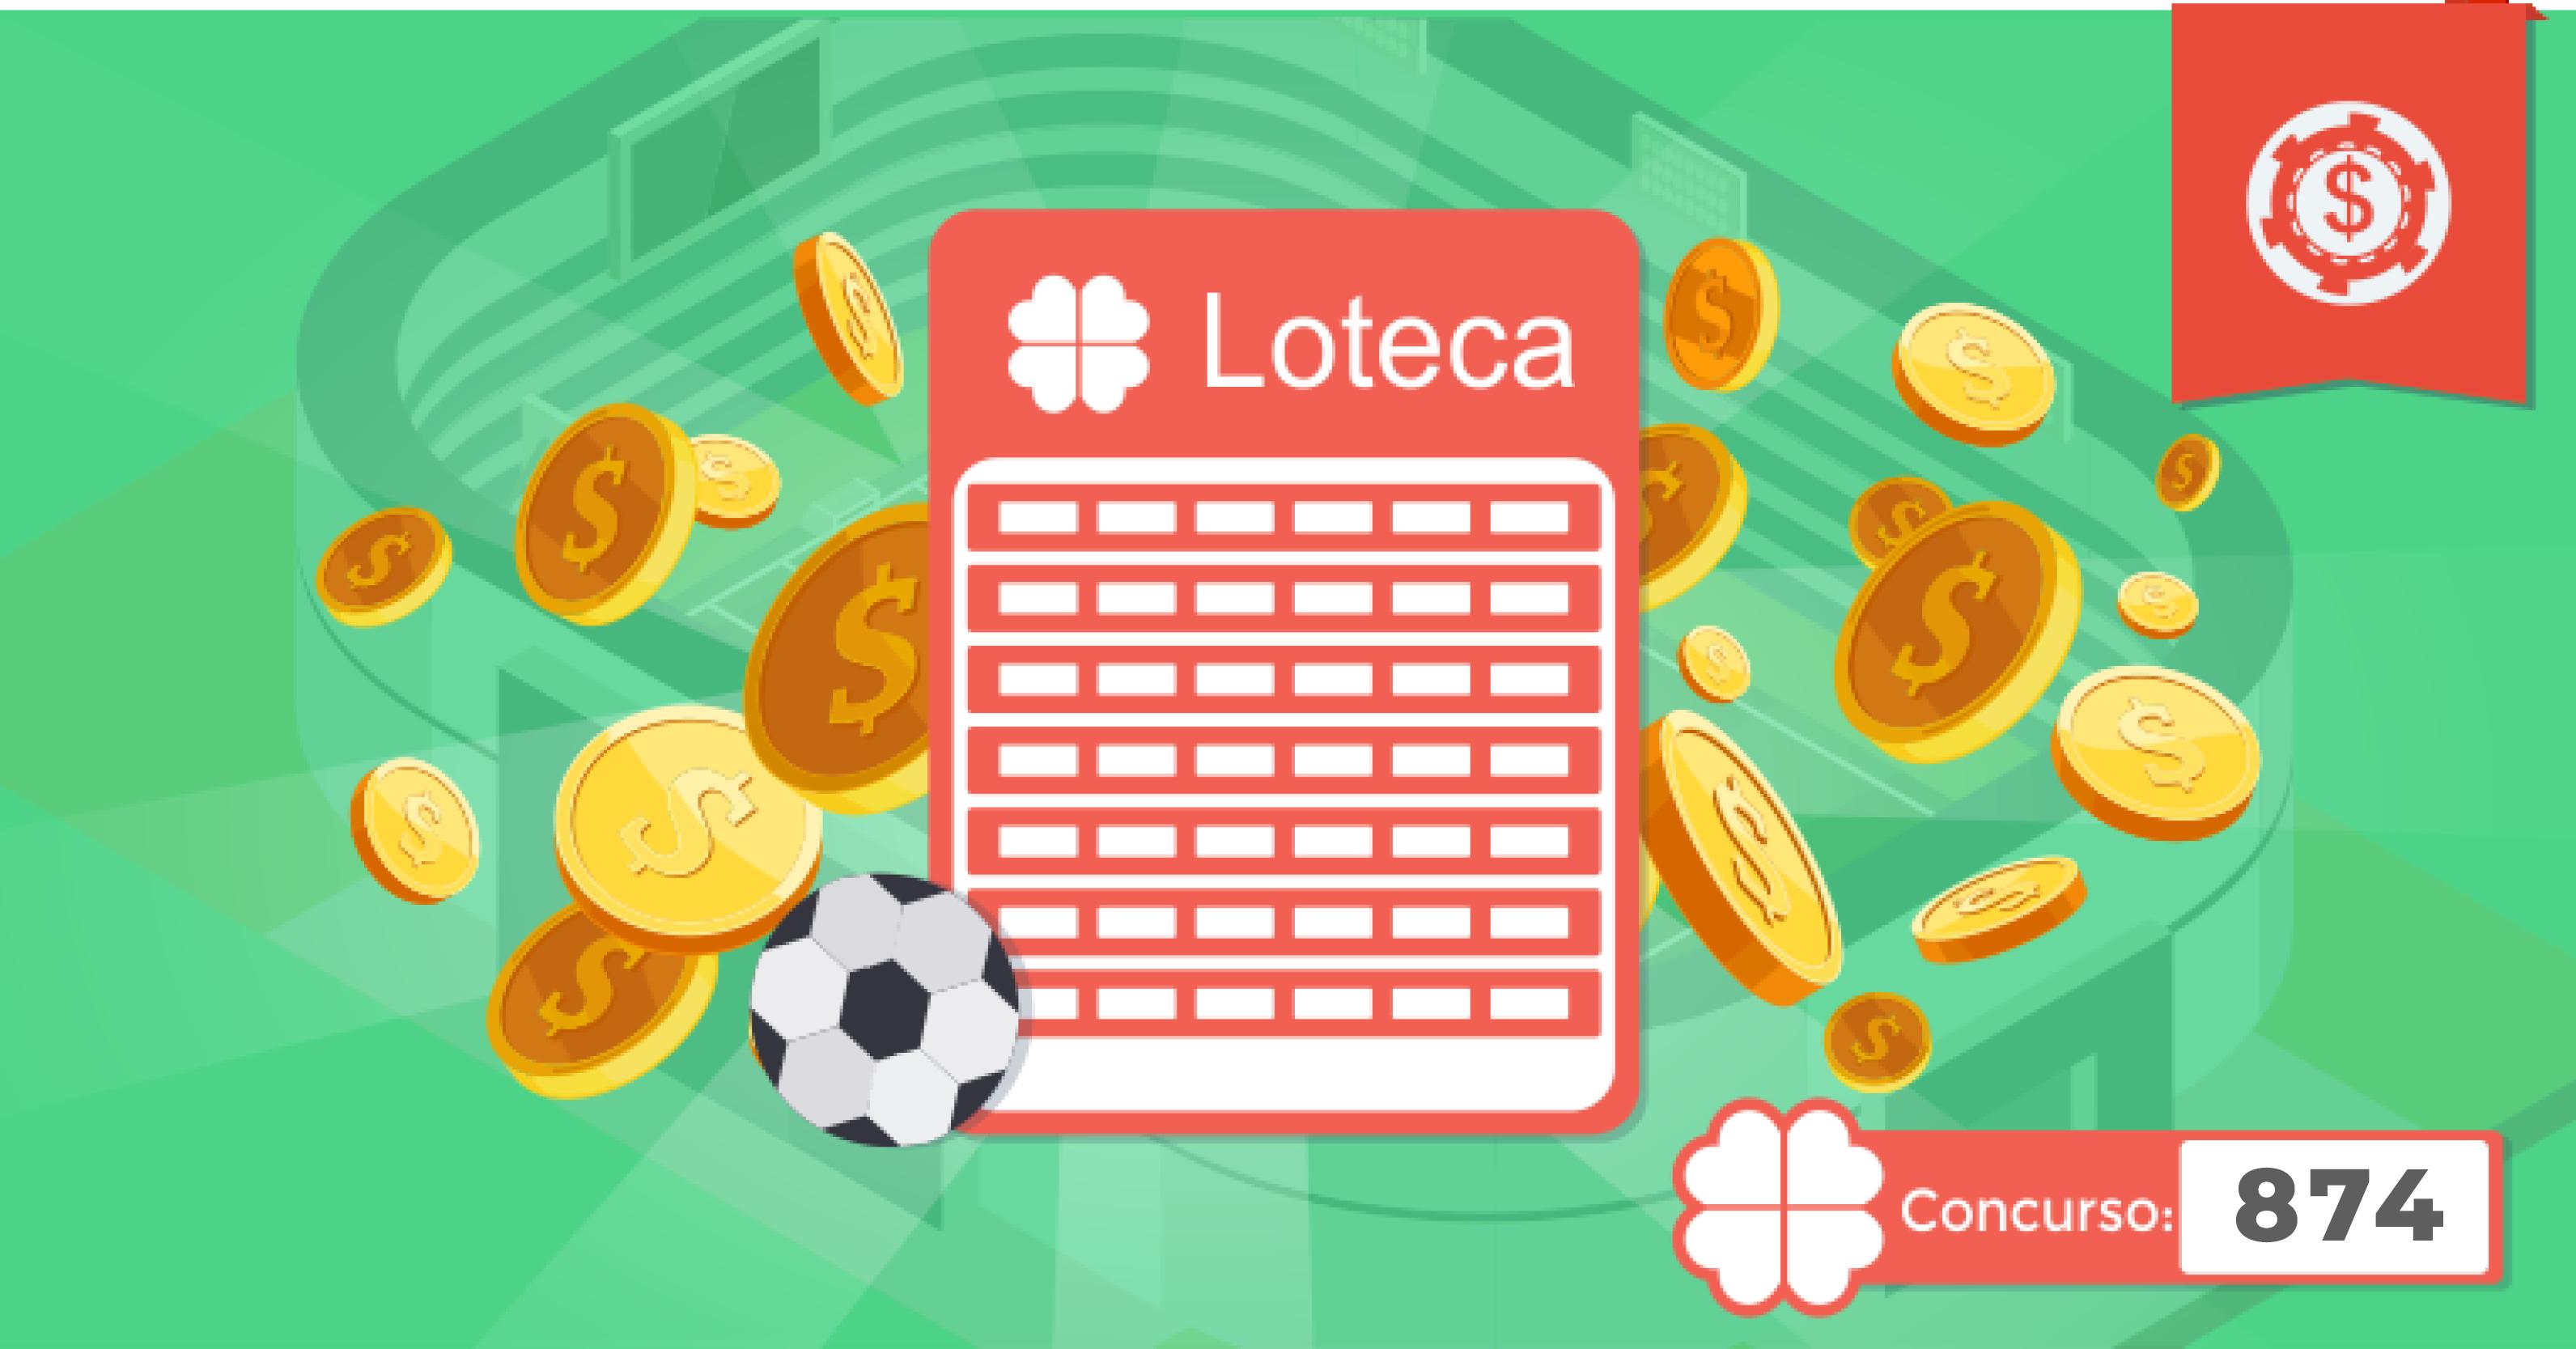 palpites-loteca-874-palpites-loteca-semana